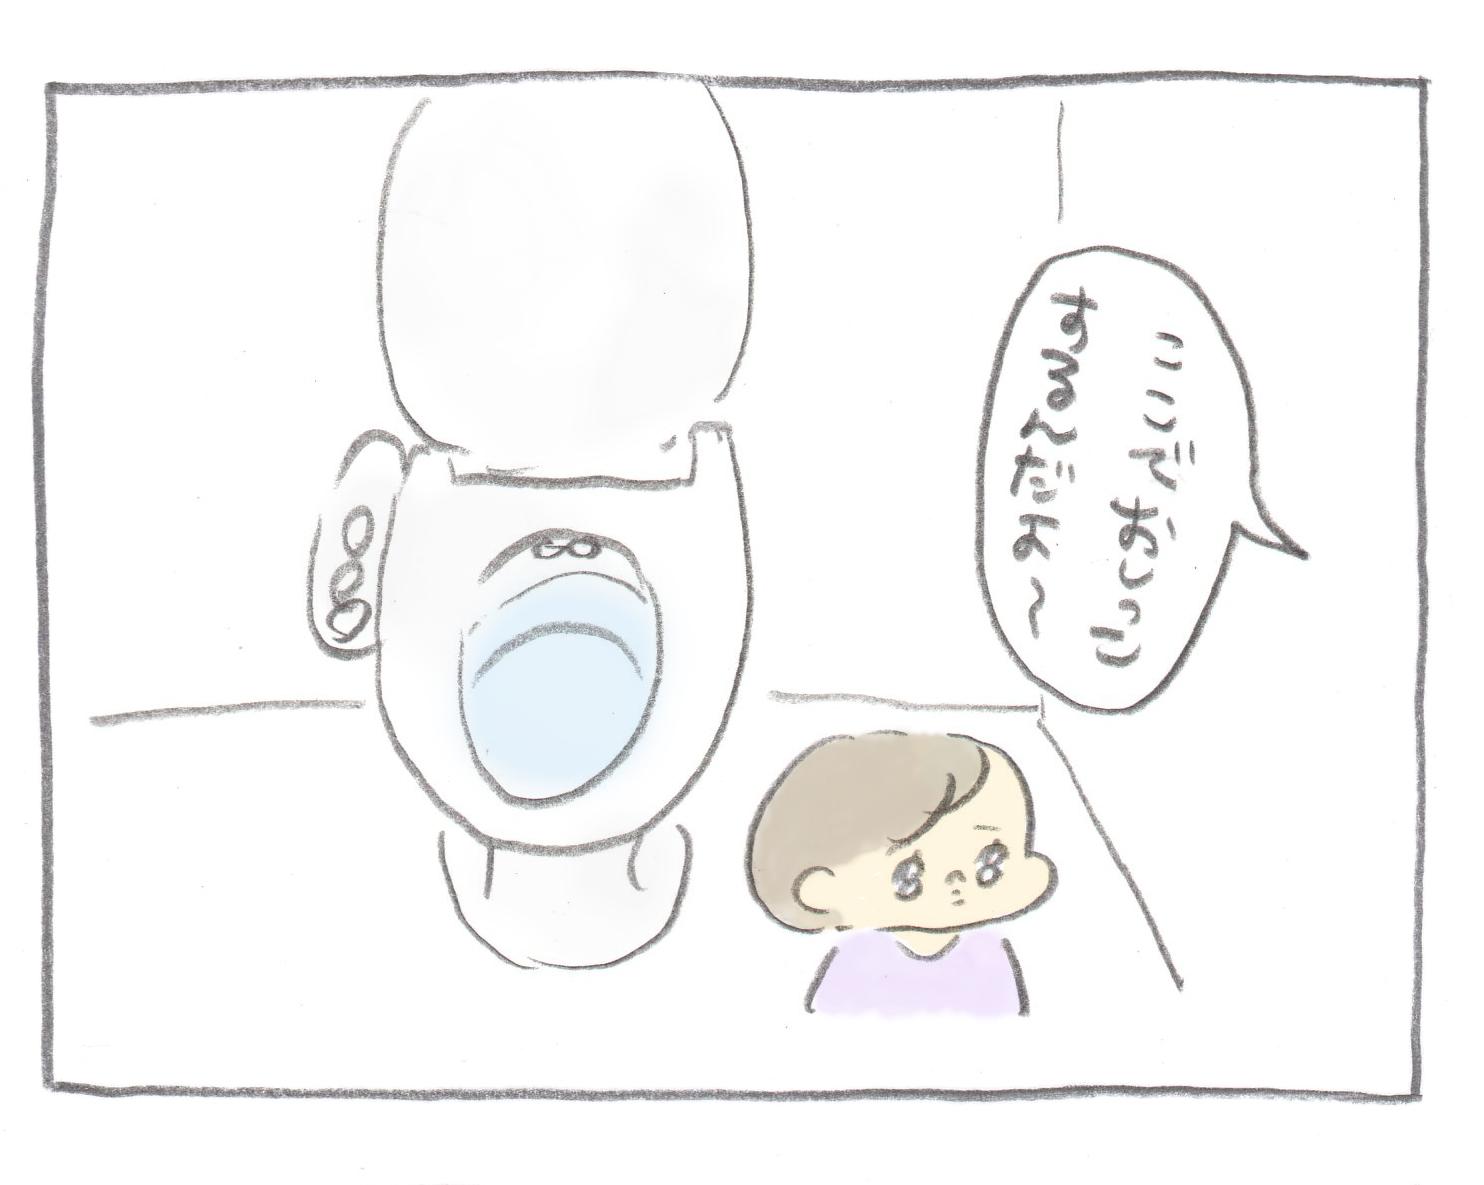 トイレトレーニングはトイレに慣れるところから…